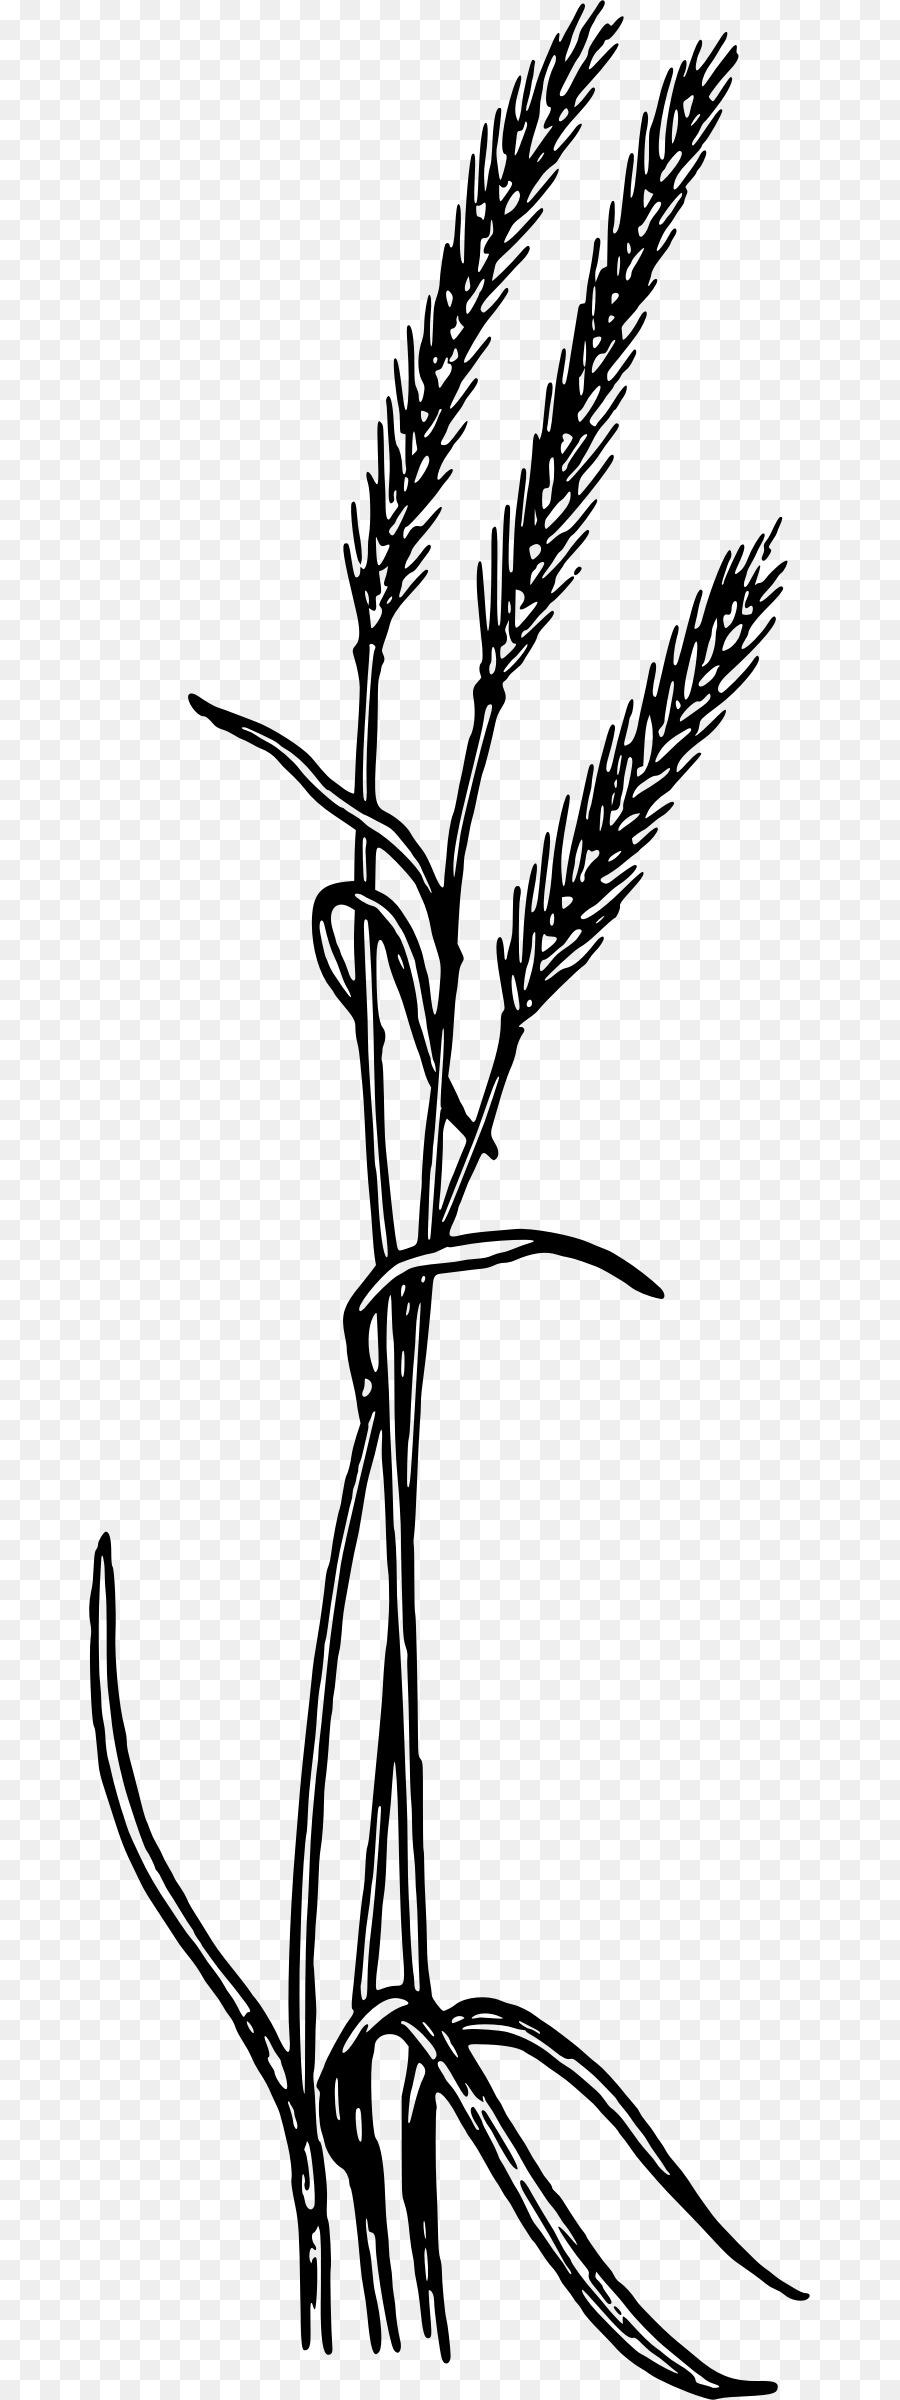 Пшеница картинки нарисованные